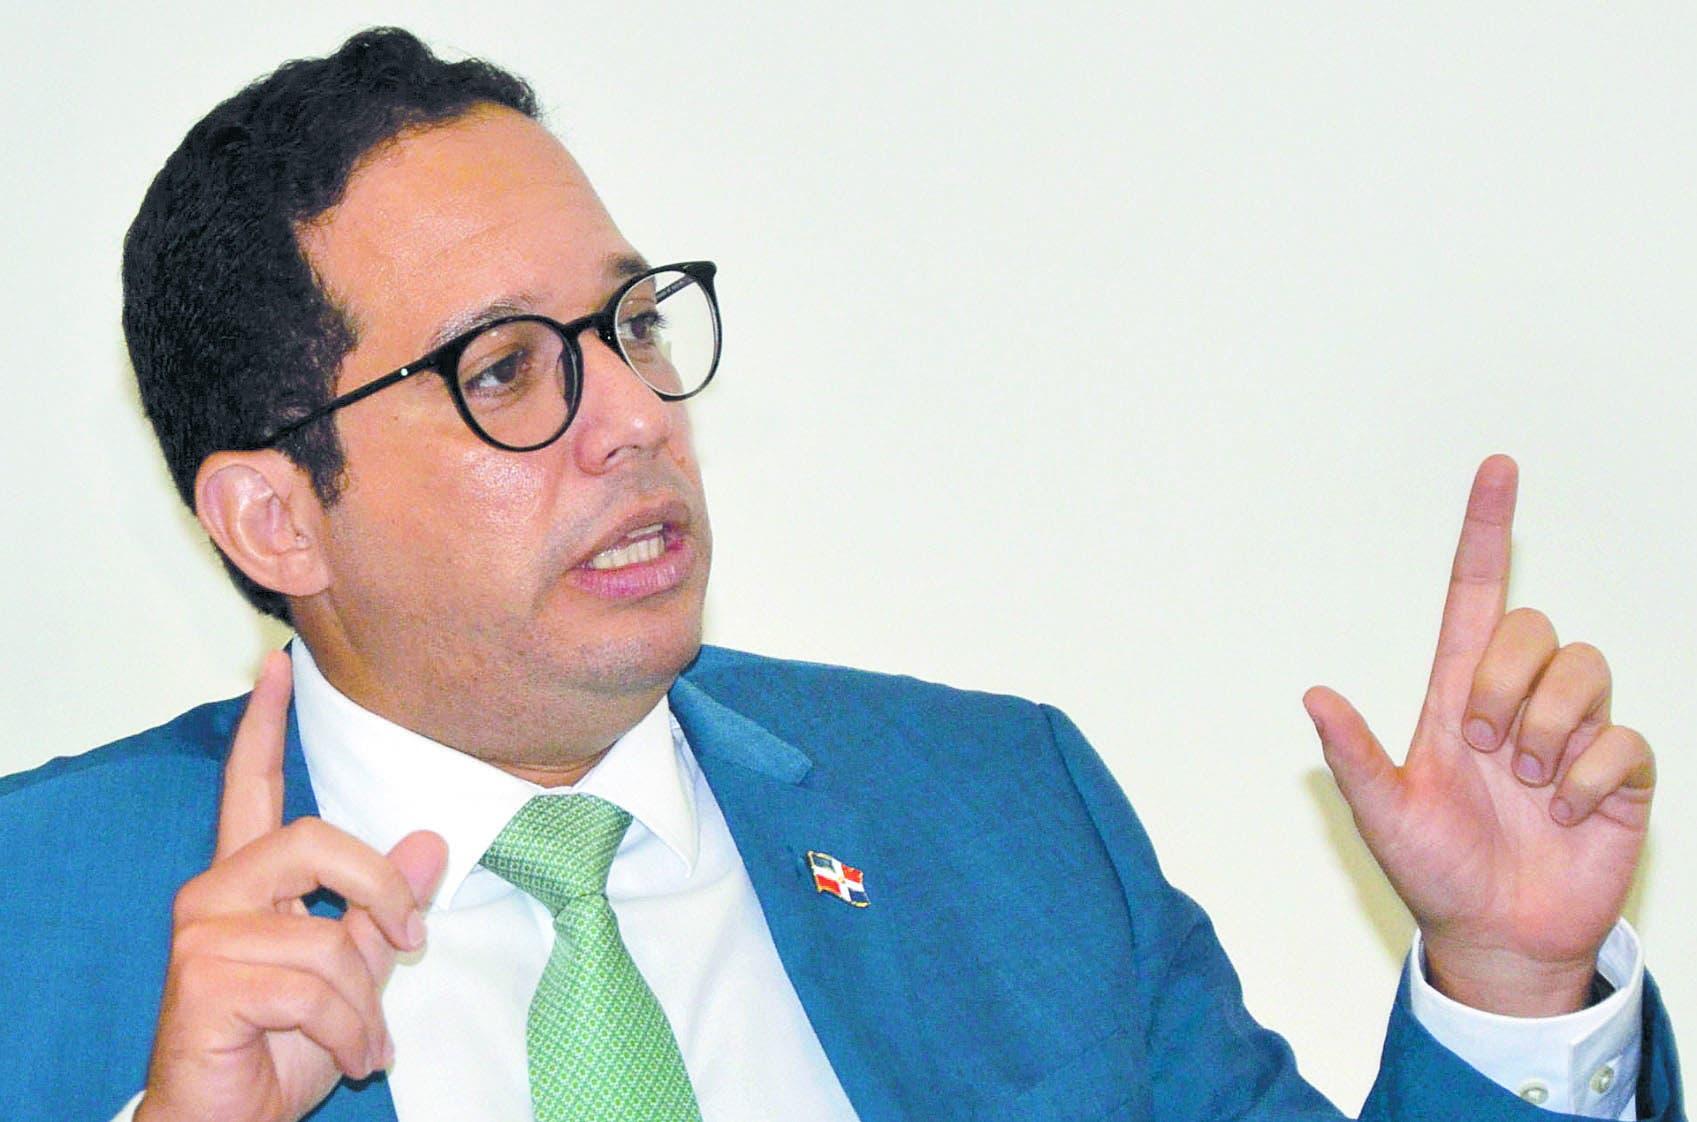 Alianza Público Privada contempla inversiones de hasta 7,000 millones